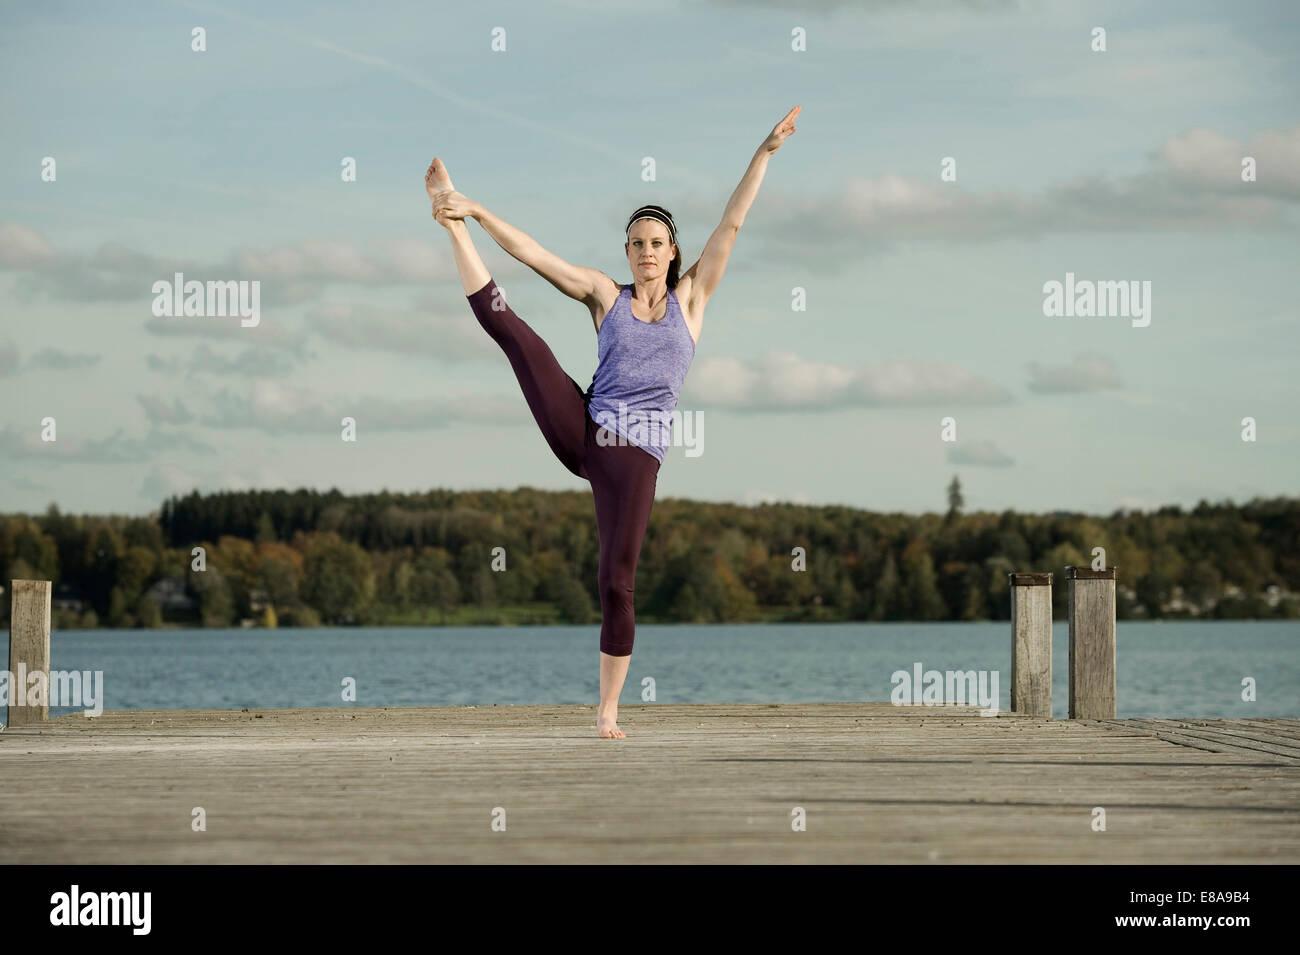 Mujer practicando yoga en jetty, Woerthsee, Baviera, Alemania Imagen De Stock